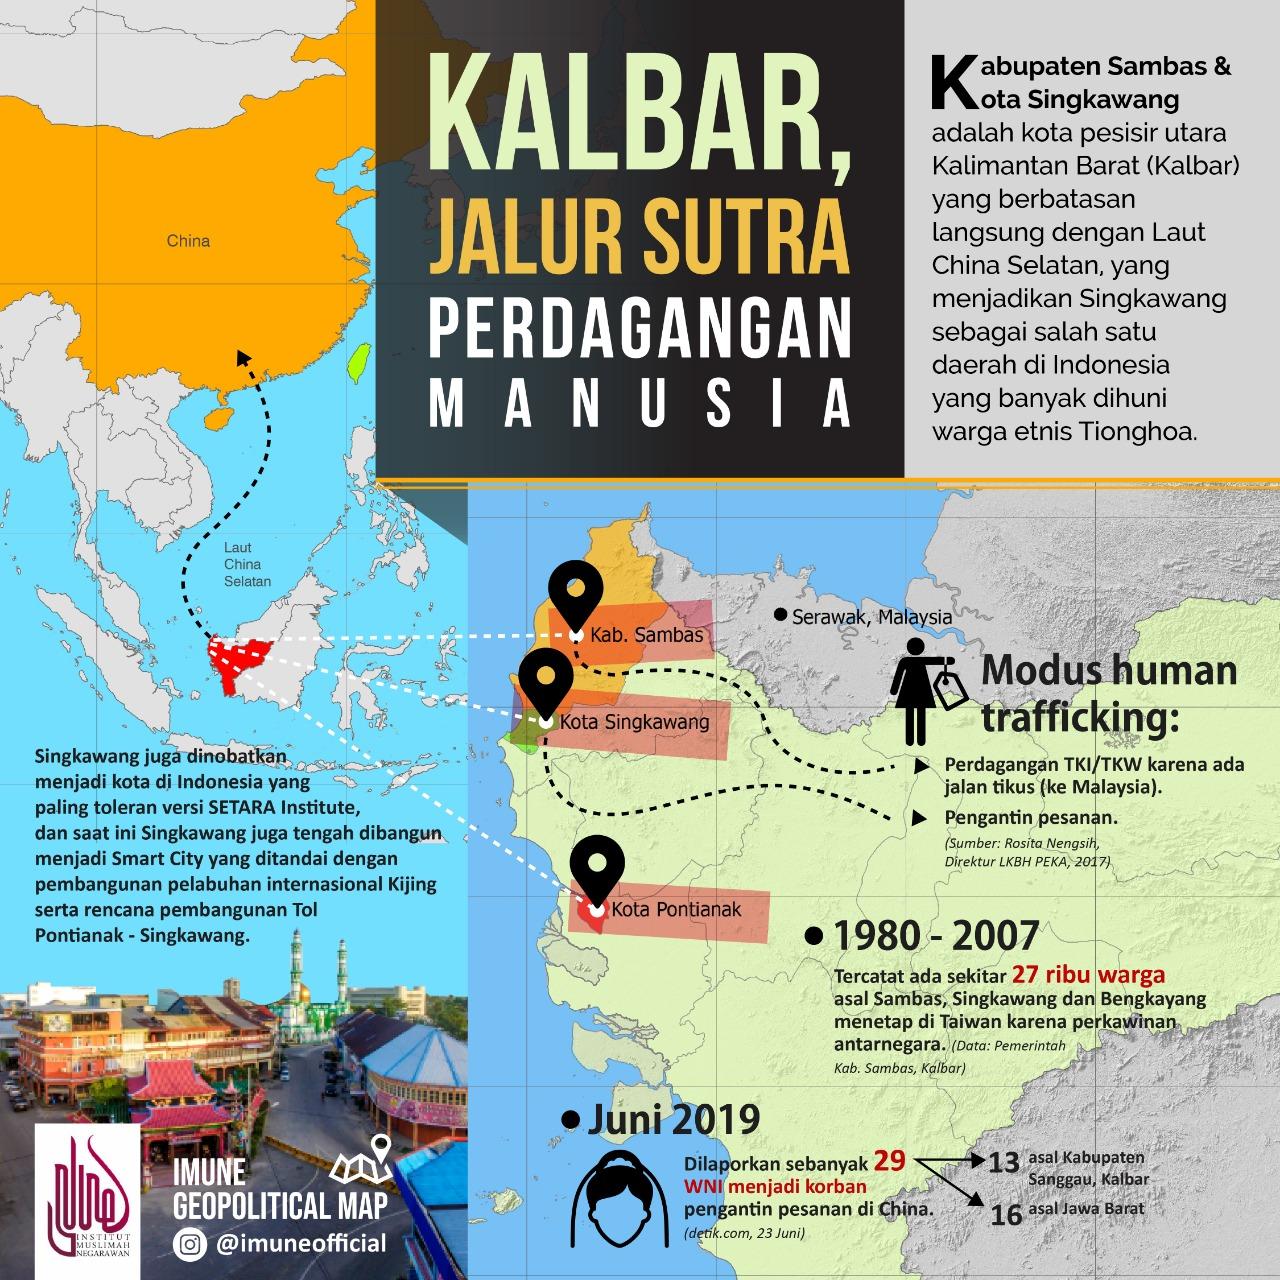 Kalimantan Barat, Jalur Sutra Perdagangan Manusia